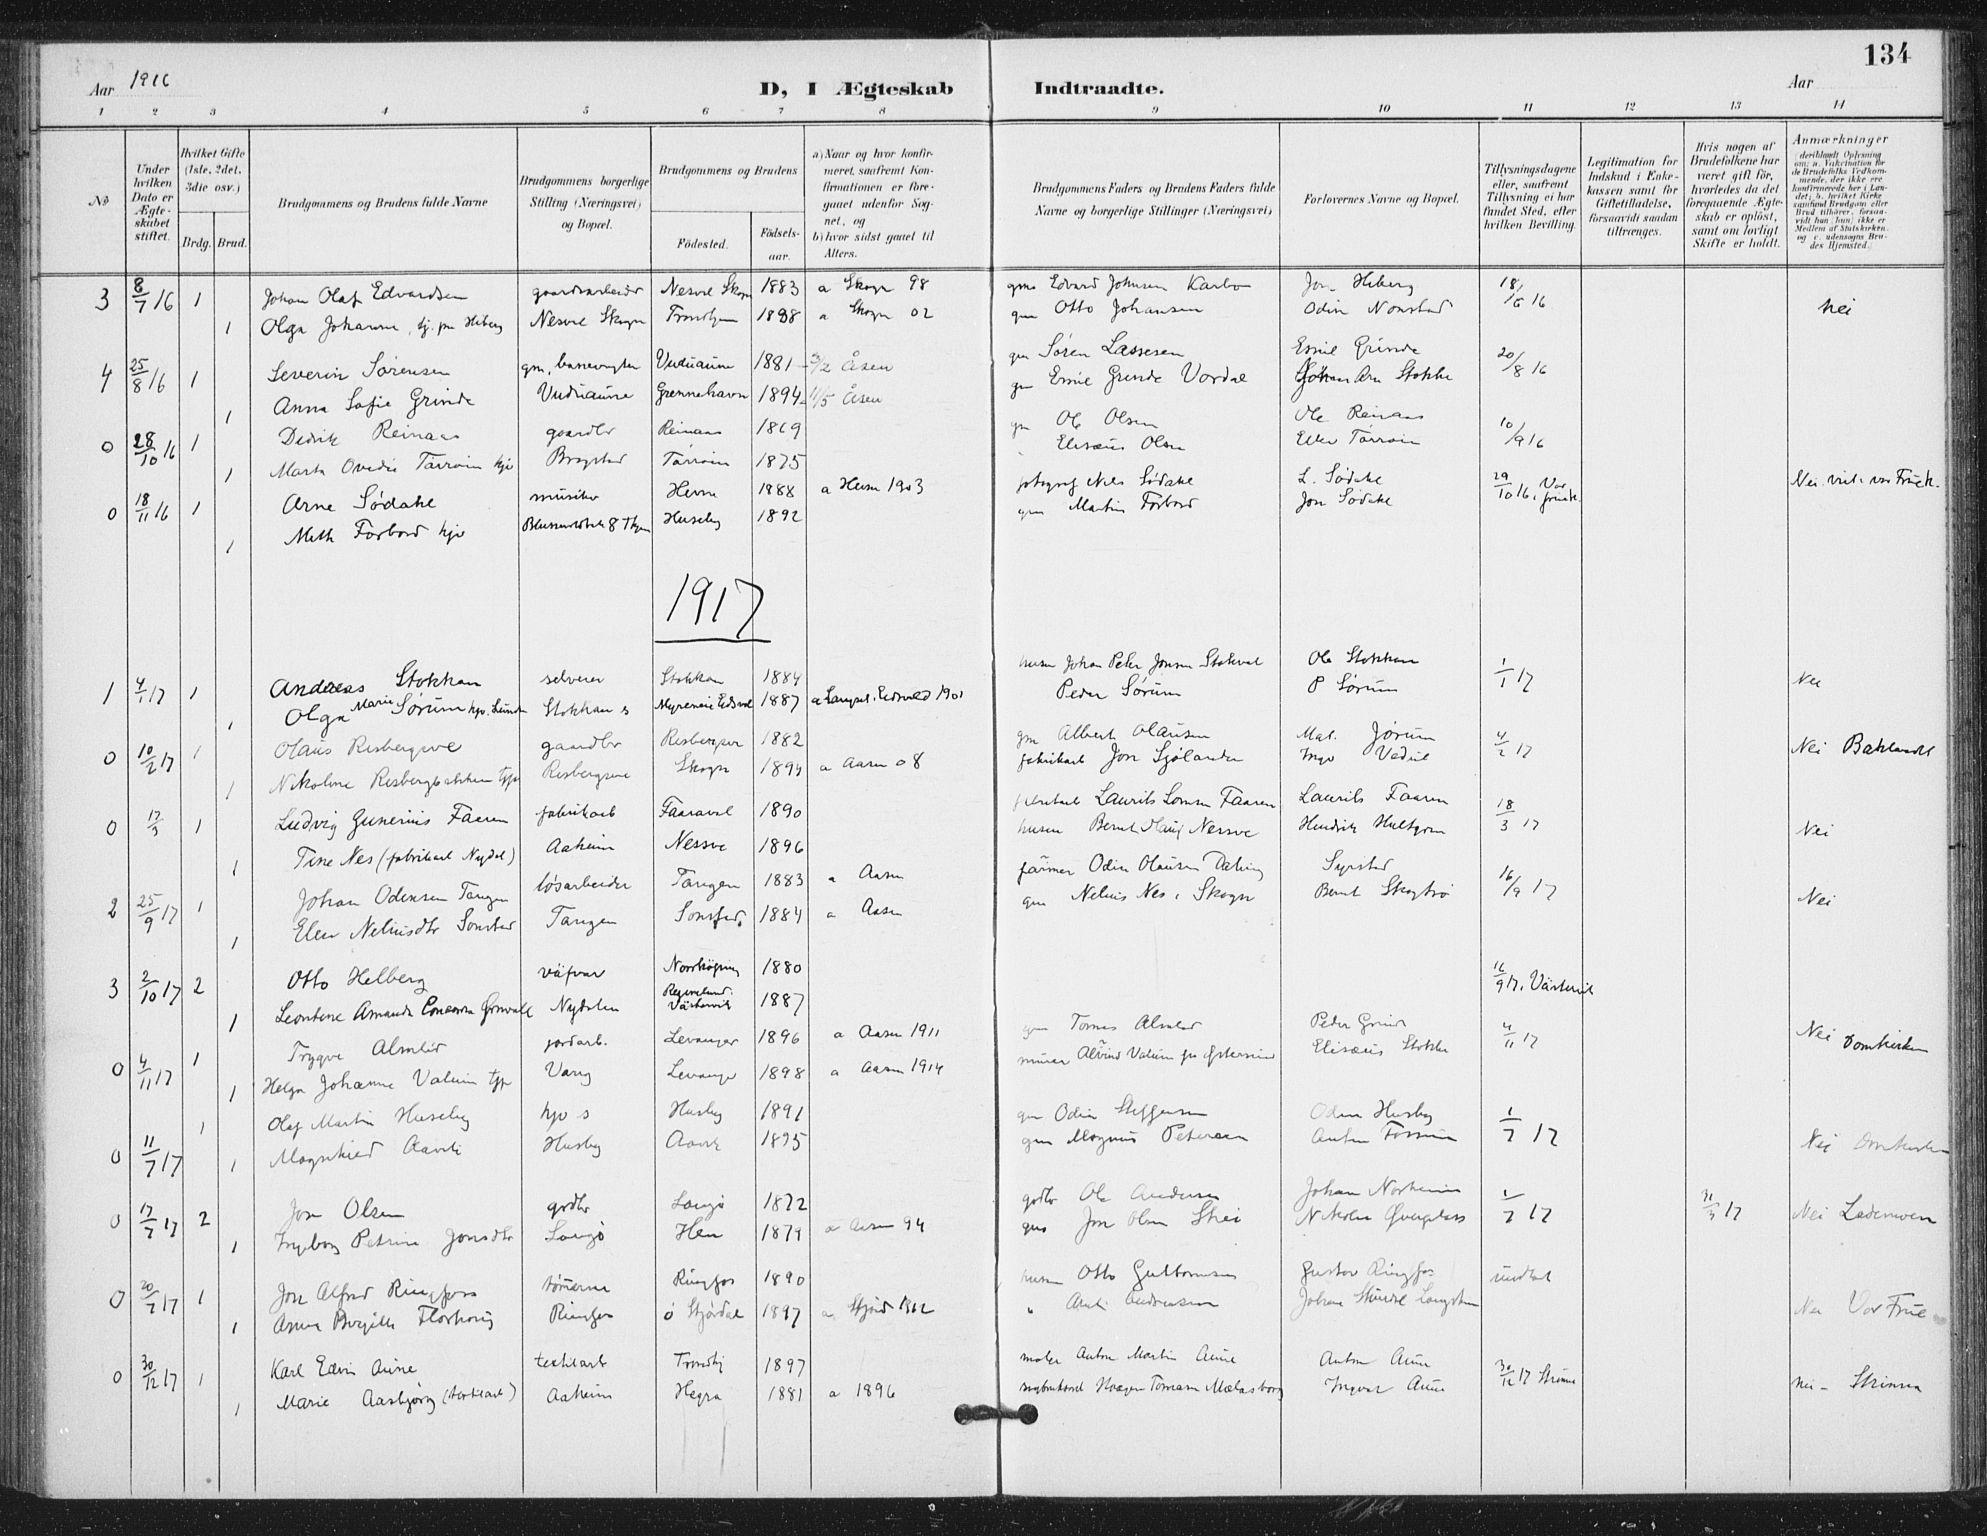 SAT, Ministerialprotokoller, klokkerbøker og fødselsregistre - Nord-Trøndelag, 714/L0131: Ministerialbok nr. 714A02, 1896-1918, s. 134